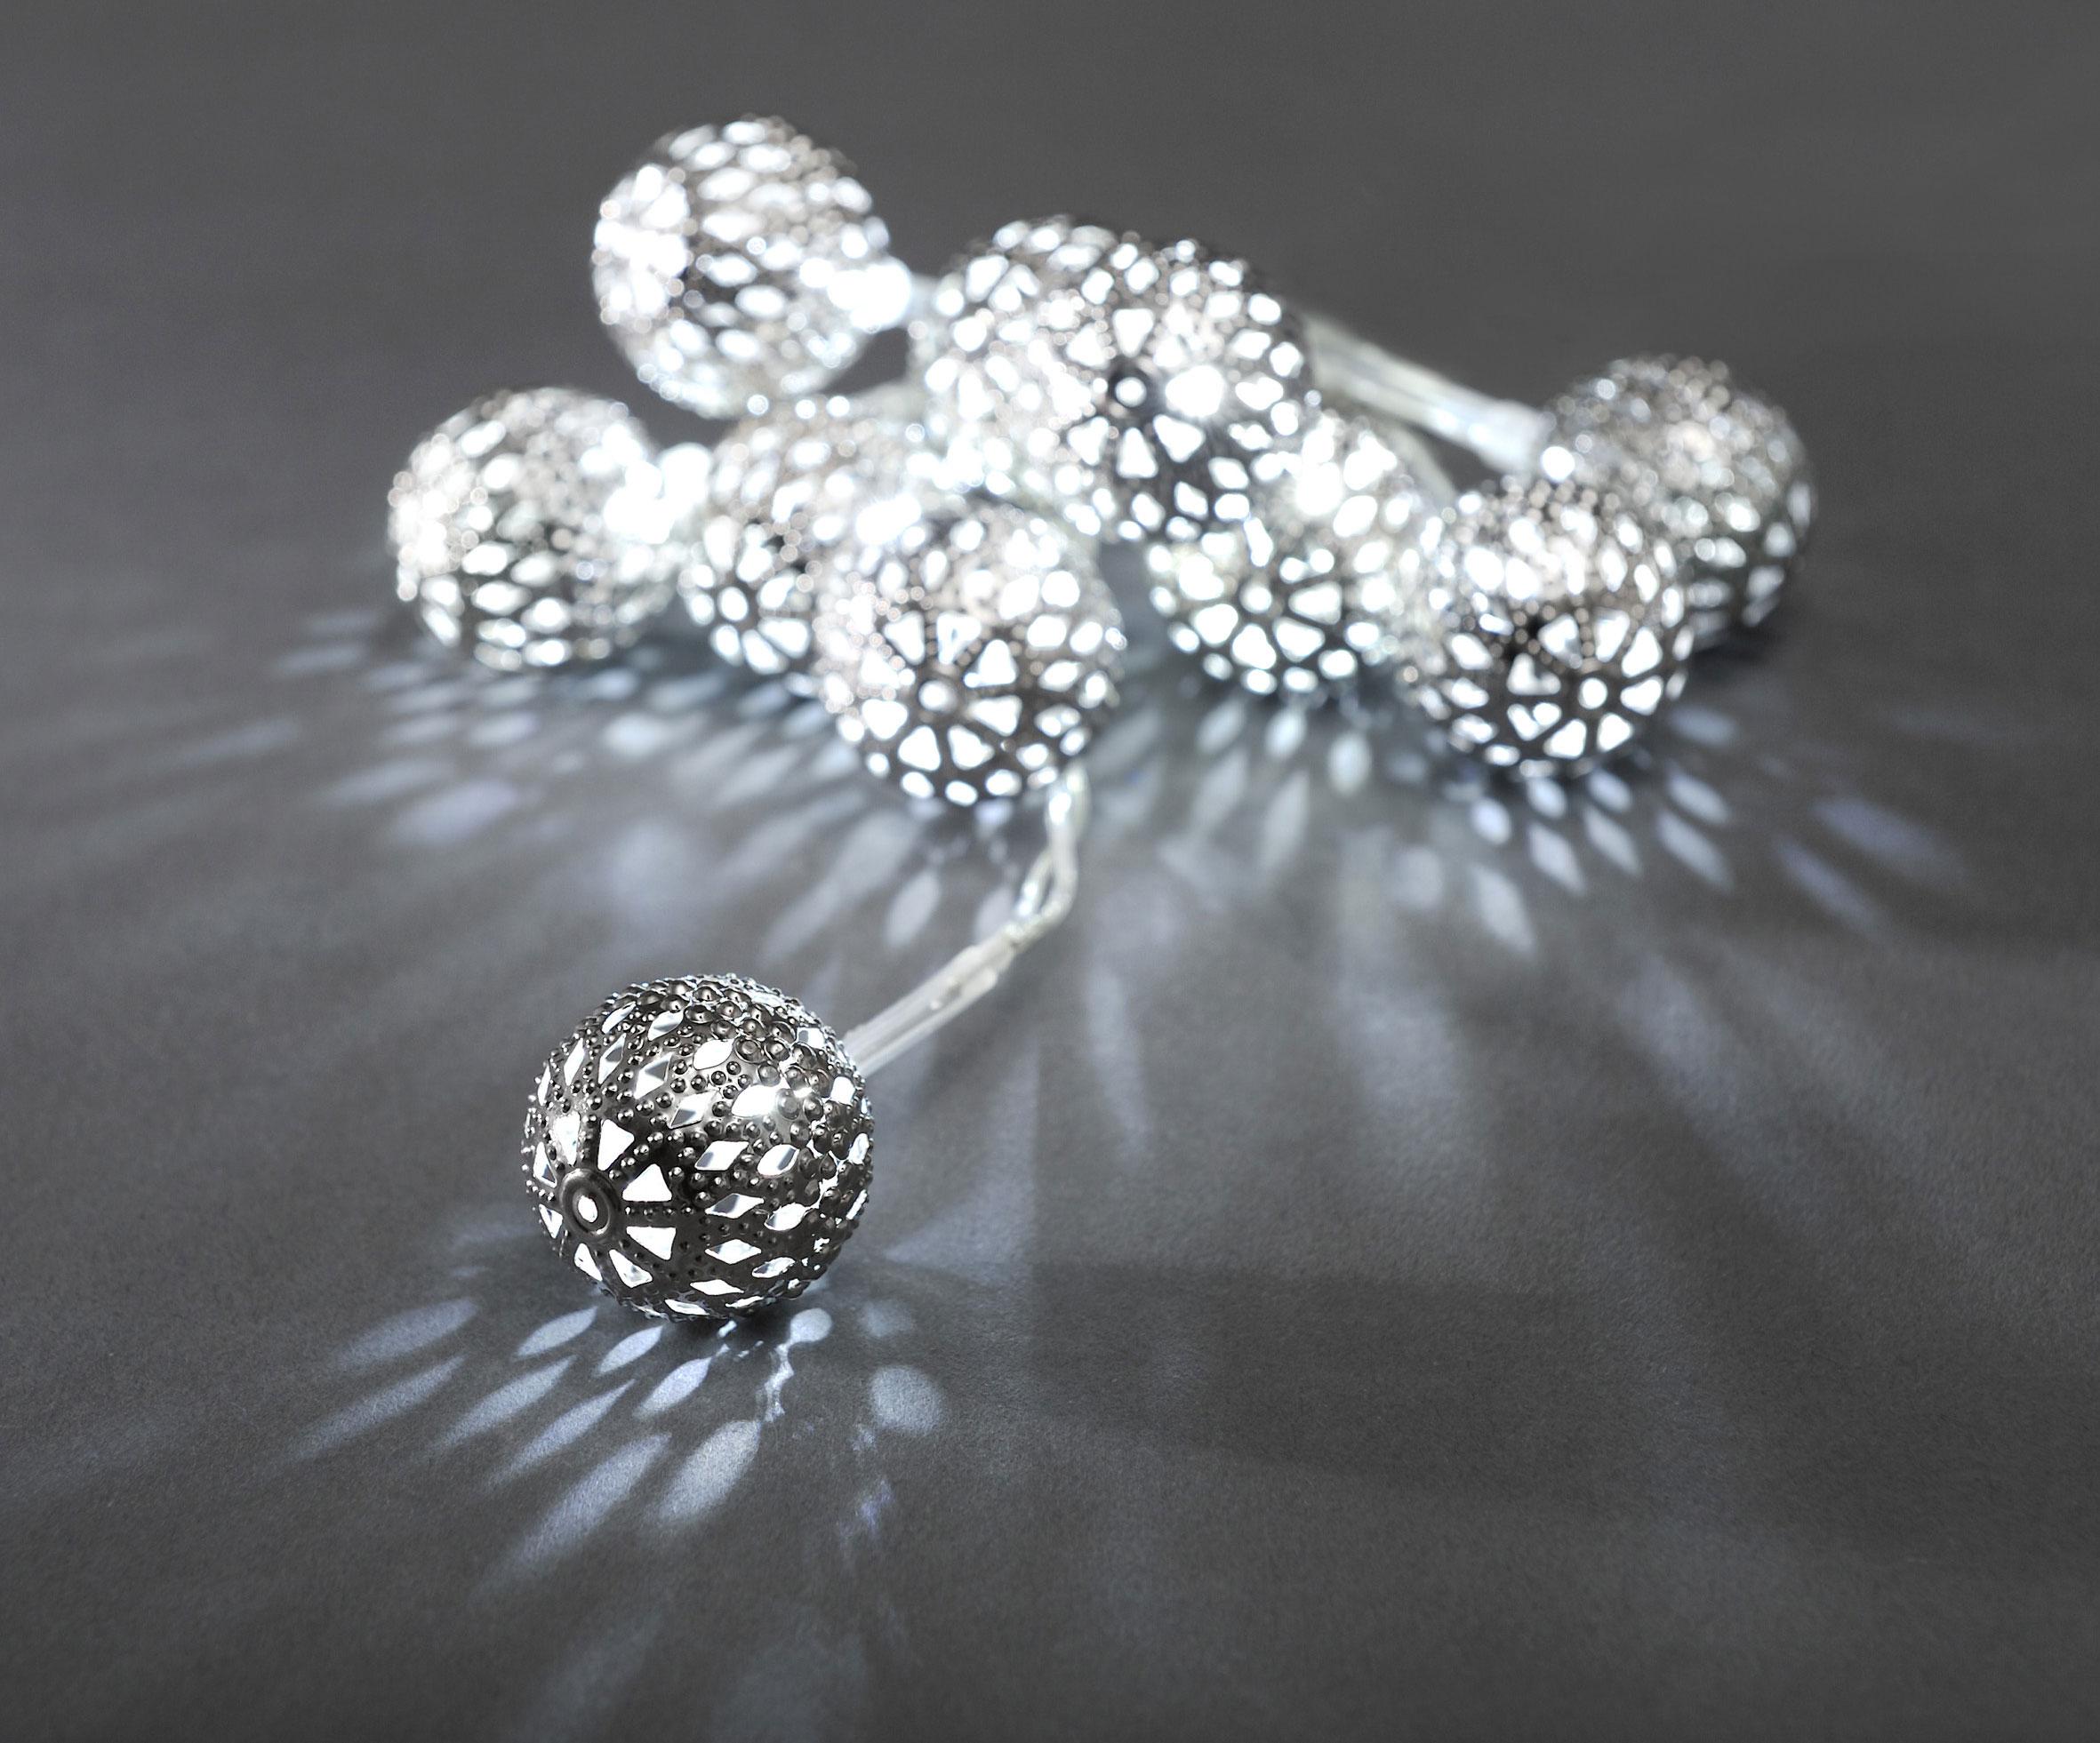 LED Lichterkette Konstsmide 10 Metallbälle mit LED batteriebetr. weiß Bild 1